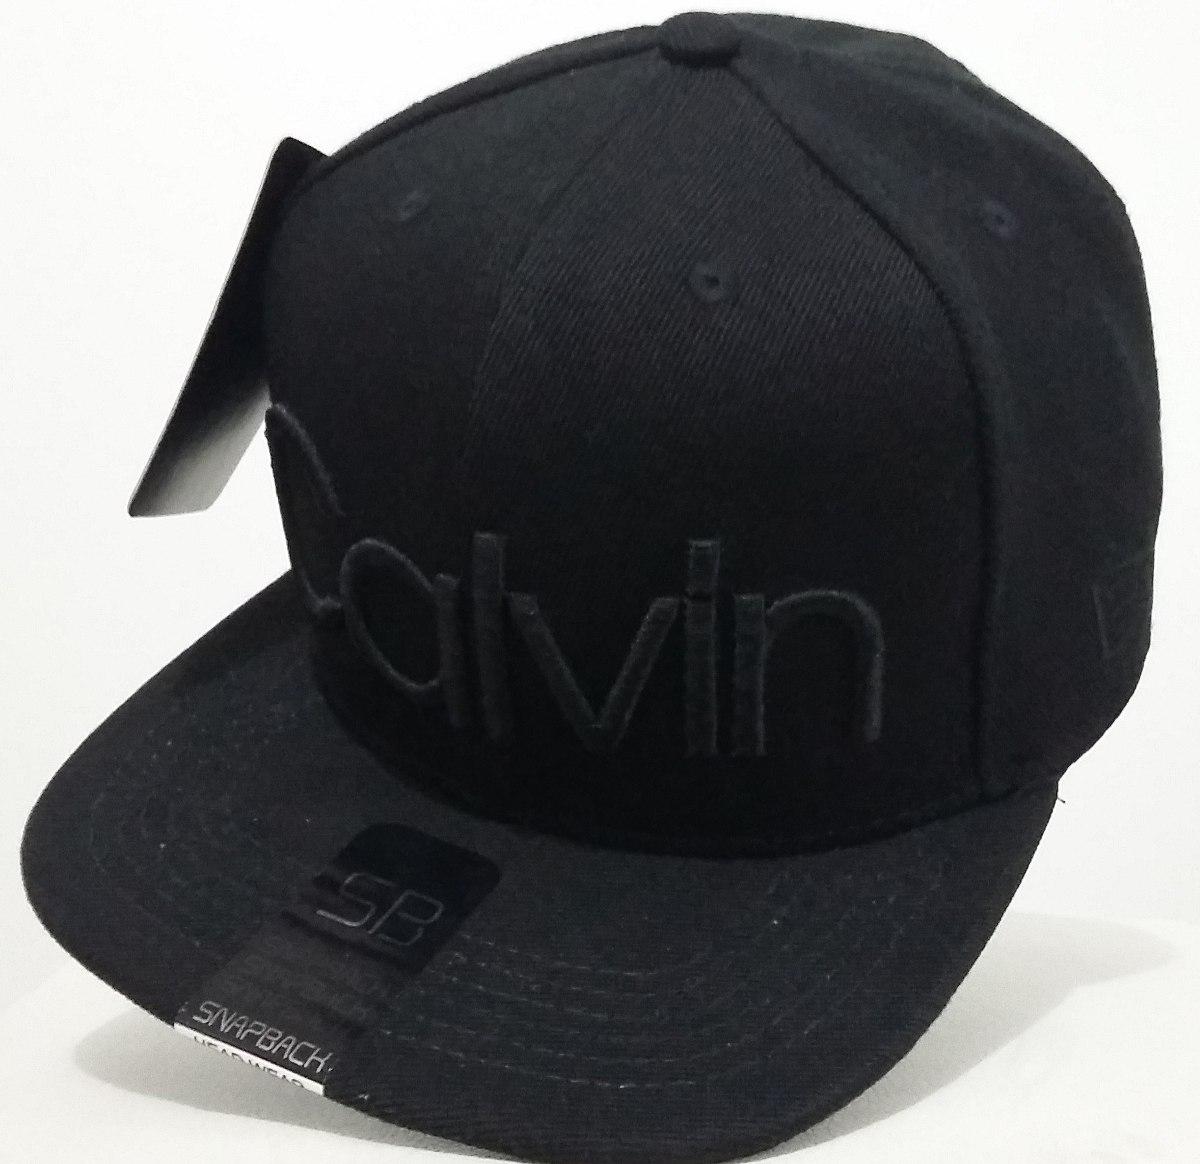 0a86cd30b2f96 Boné Calvin Klein Preto Aba Reta Snapback - R  30,99 em Mercado Livre